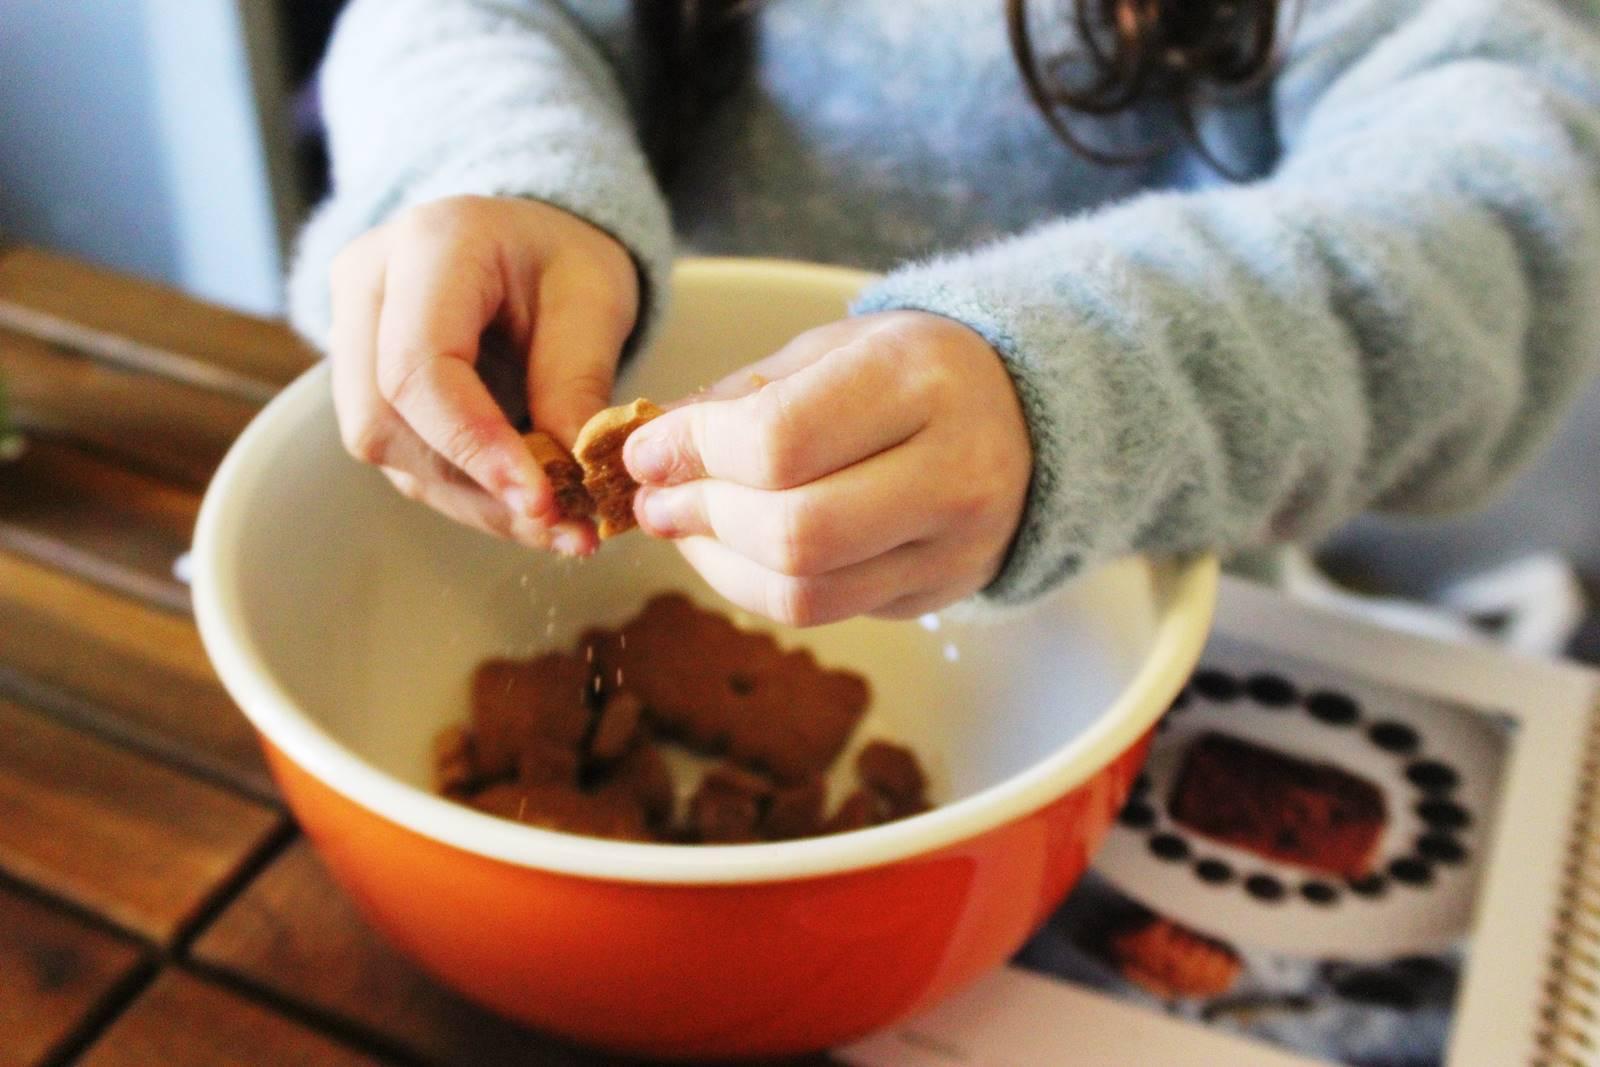 Recette fondant chocolat sans cuisson au speculoos hameaux bioimg 8459